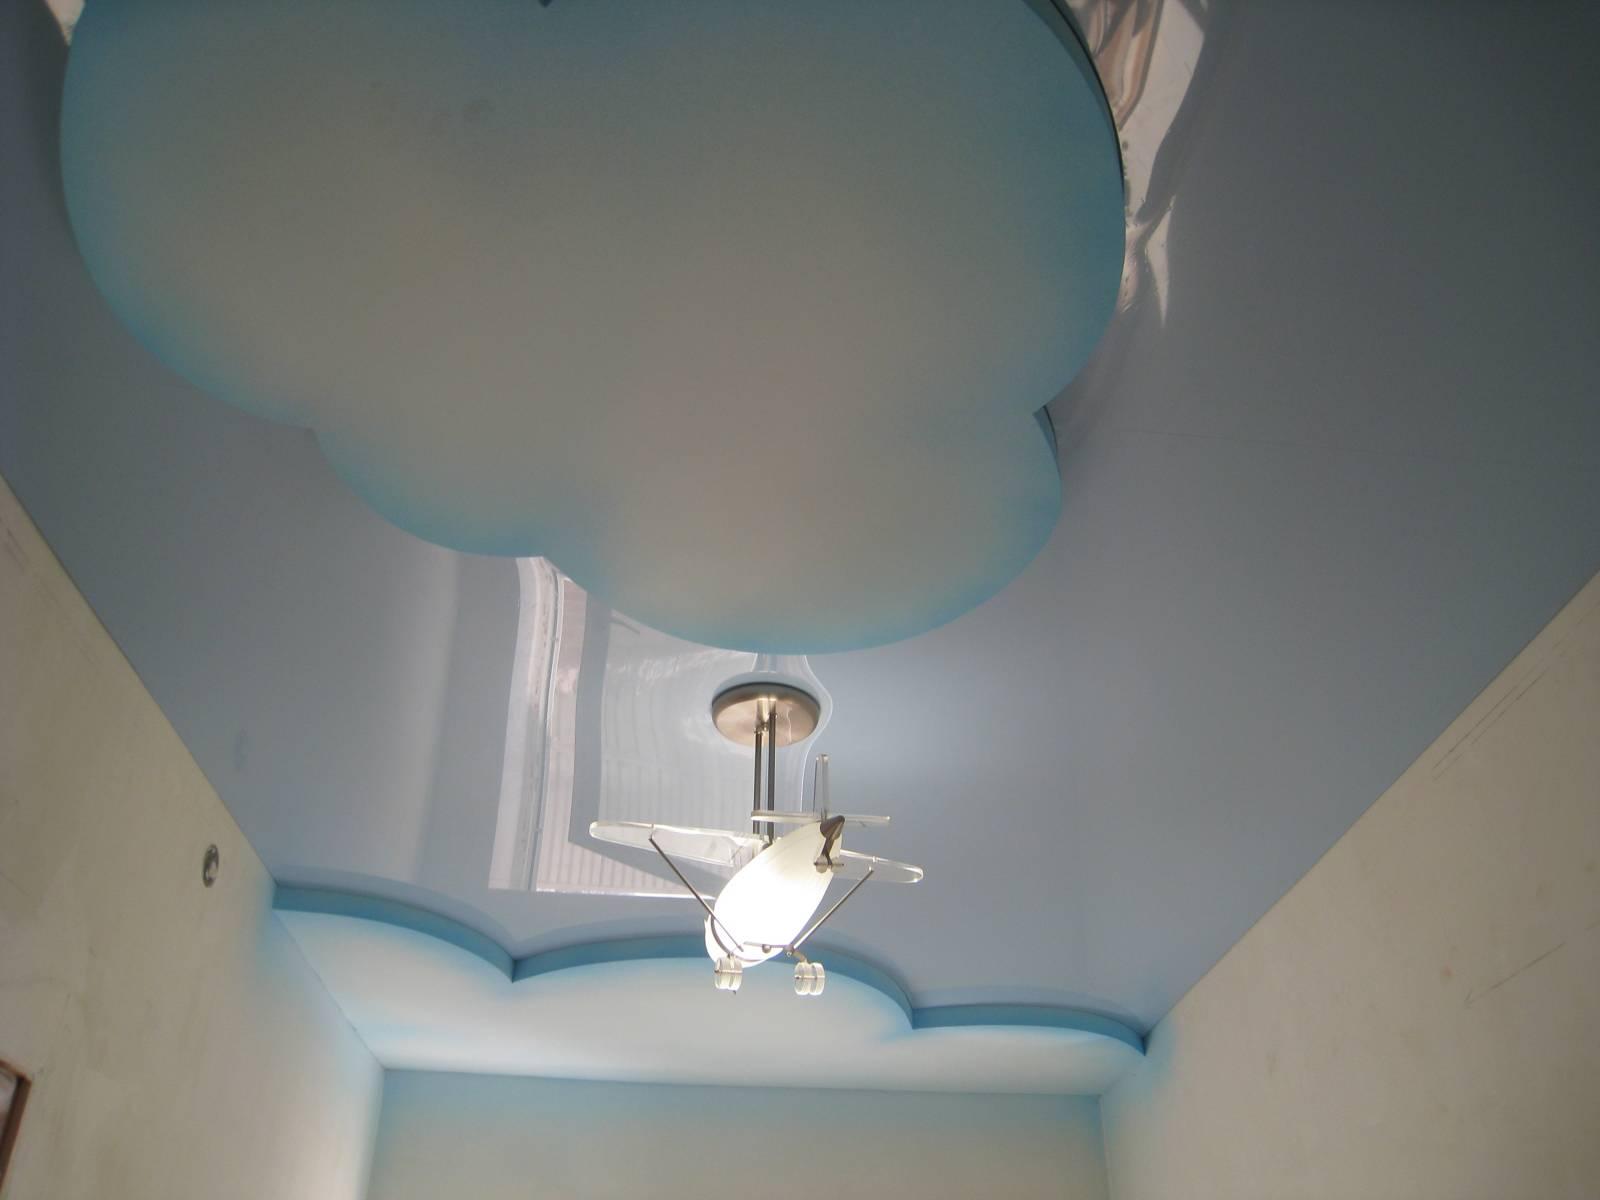 Двухуровневый матово-глянцевый потолок с облаками в детской